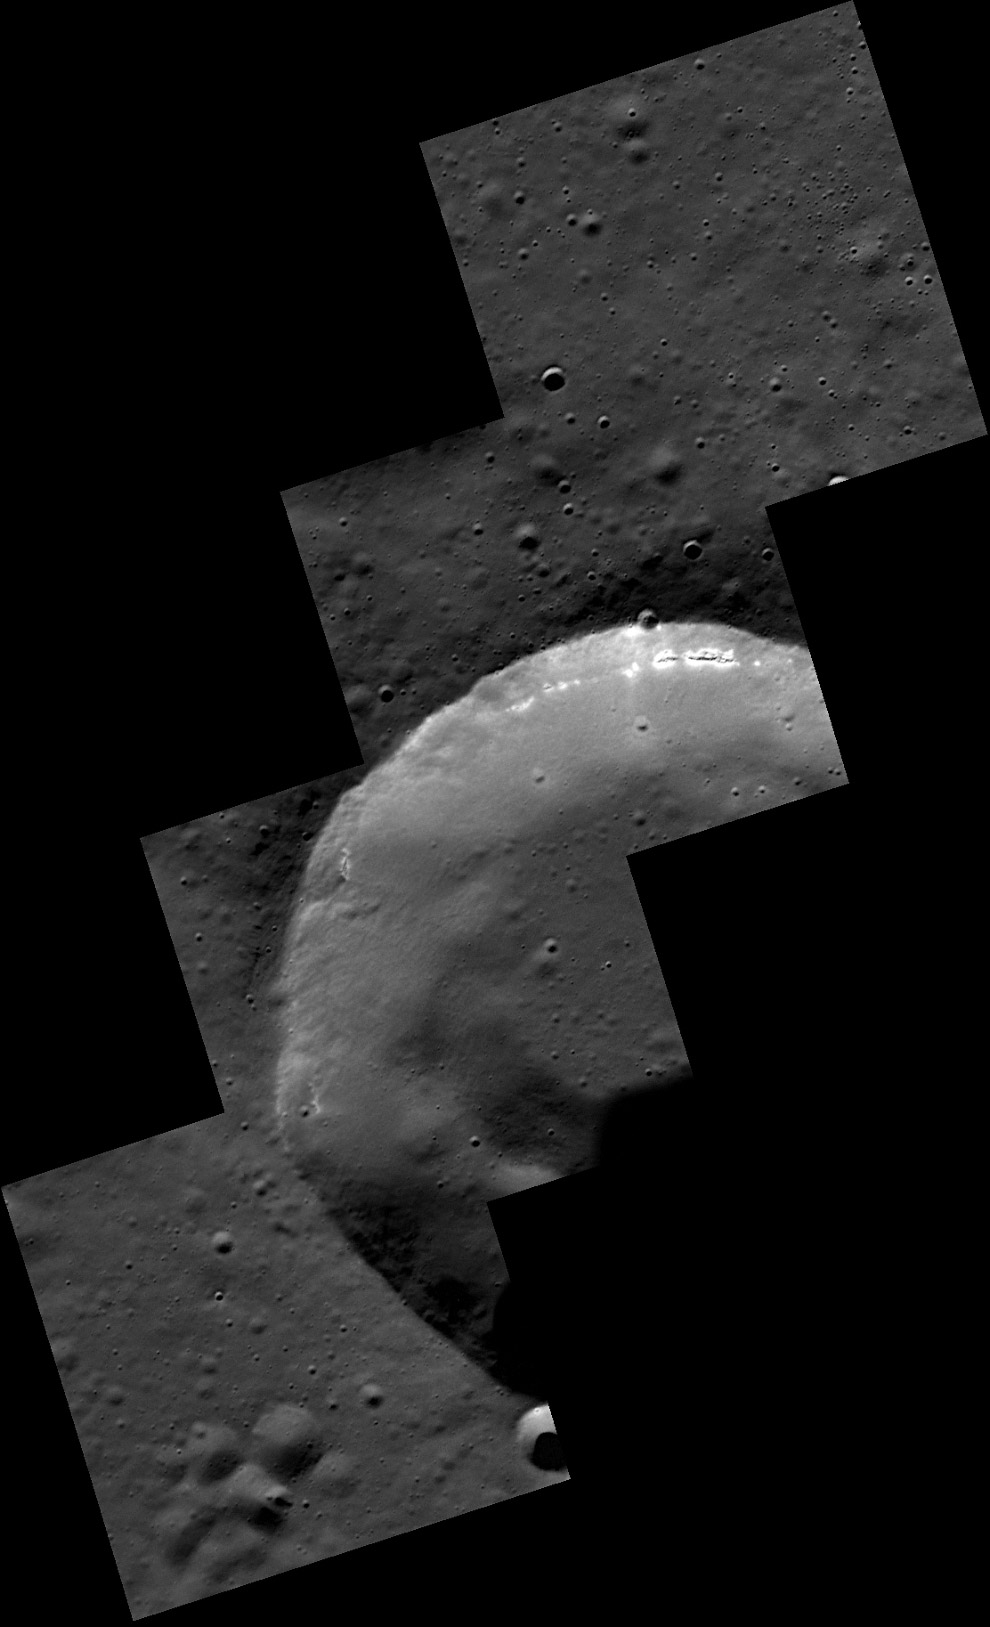 Мозаика 15-километрового безымянного кратера